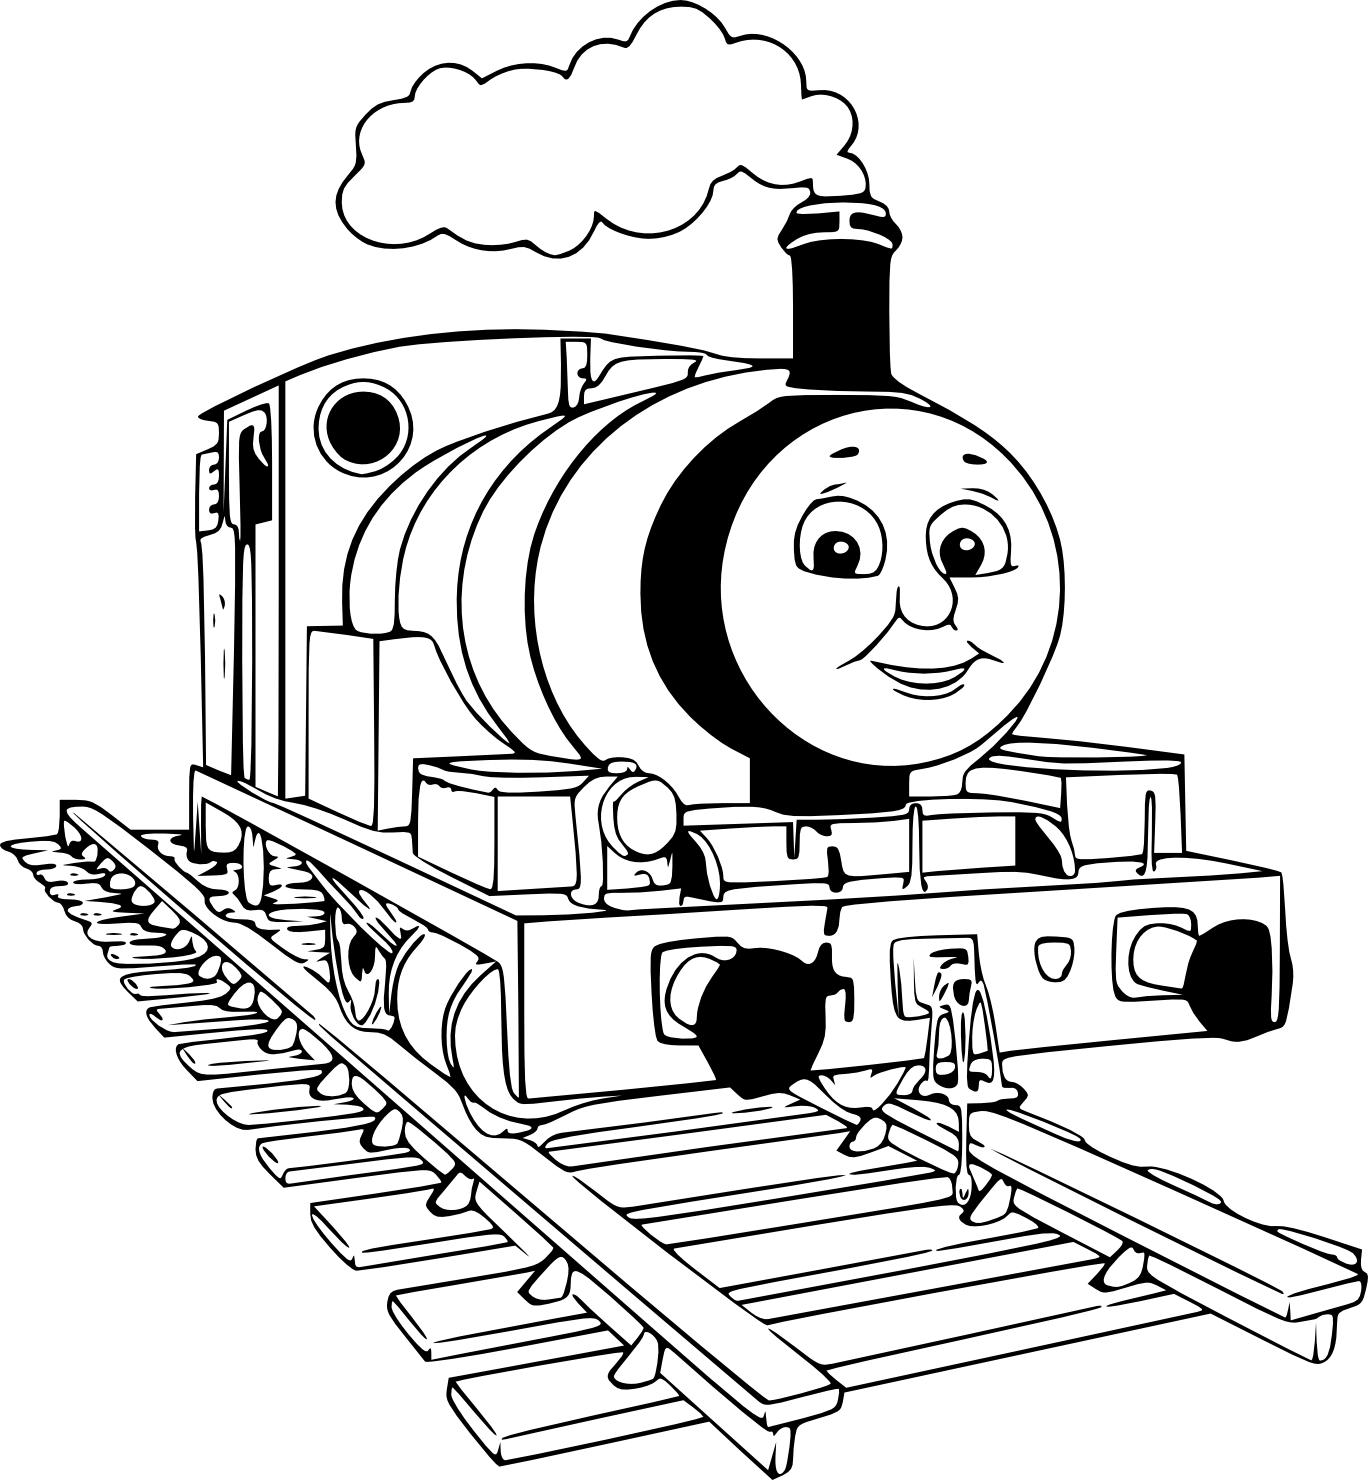 Coloriage percy la petite locomotive imprimer - Locomotive dessin ...